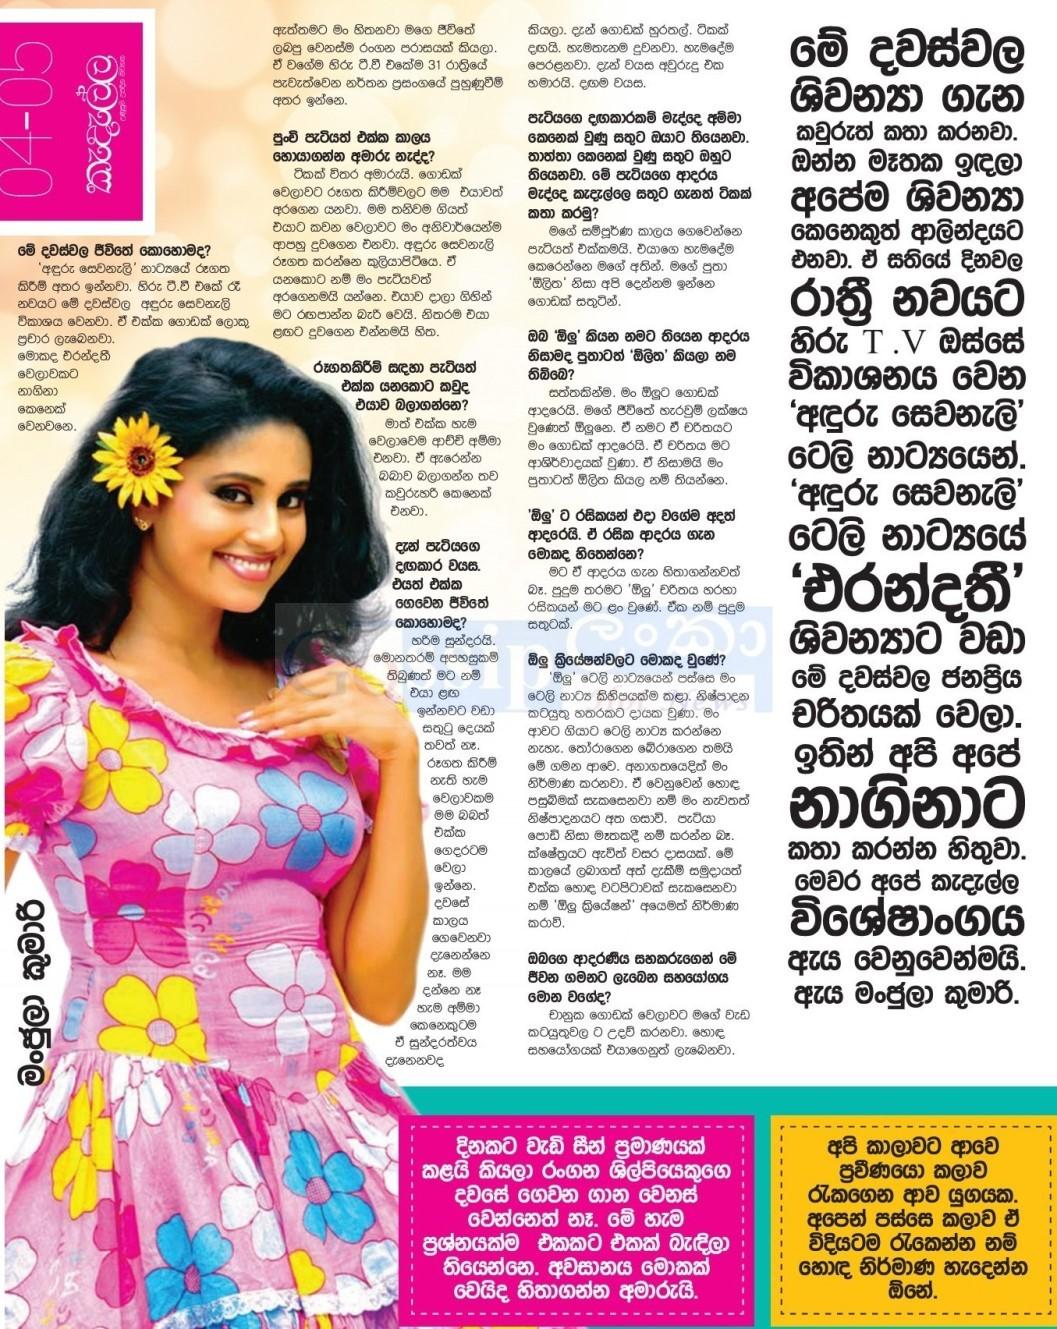 Gossip Chat with Manjula Kumari (olu)